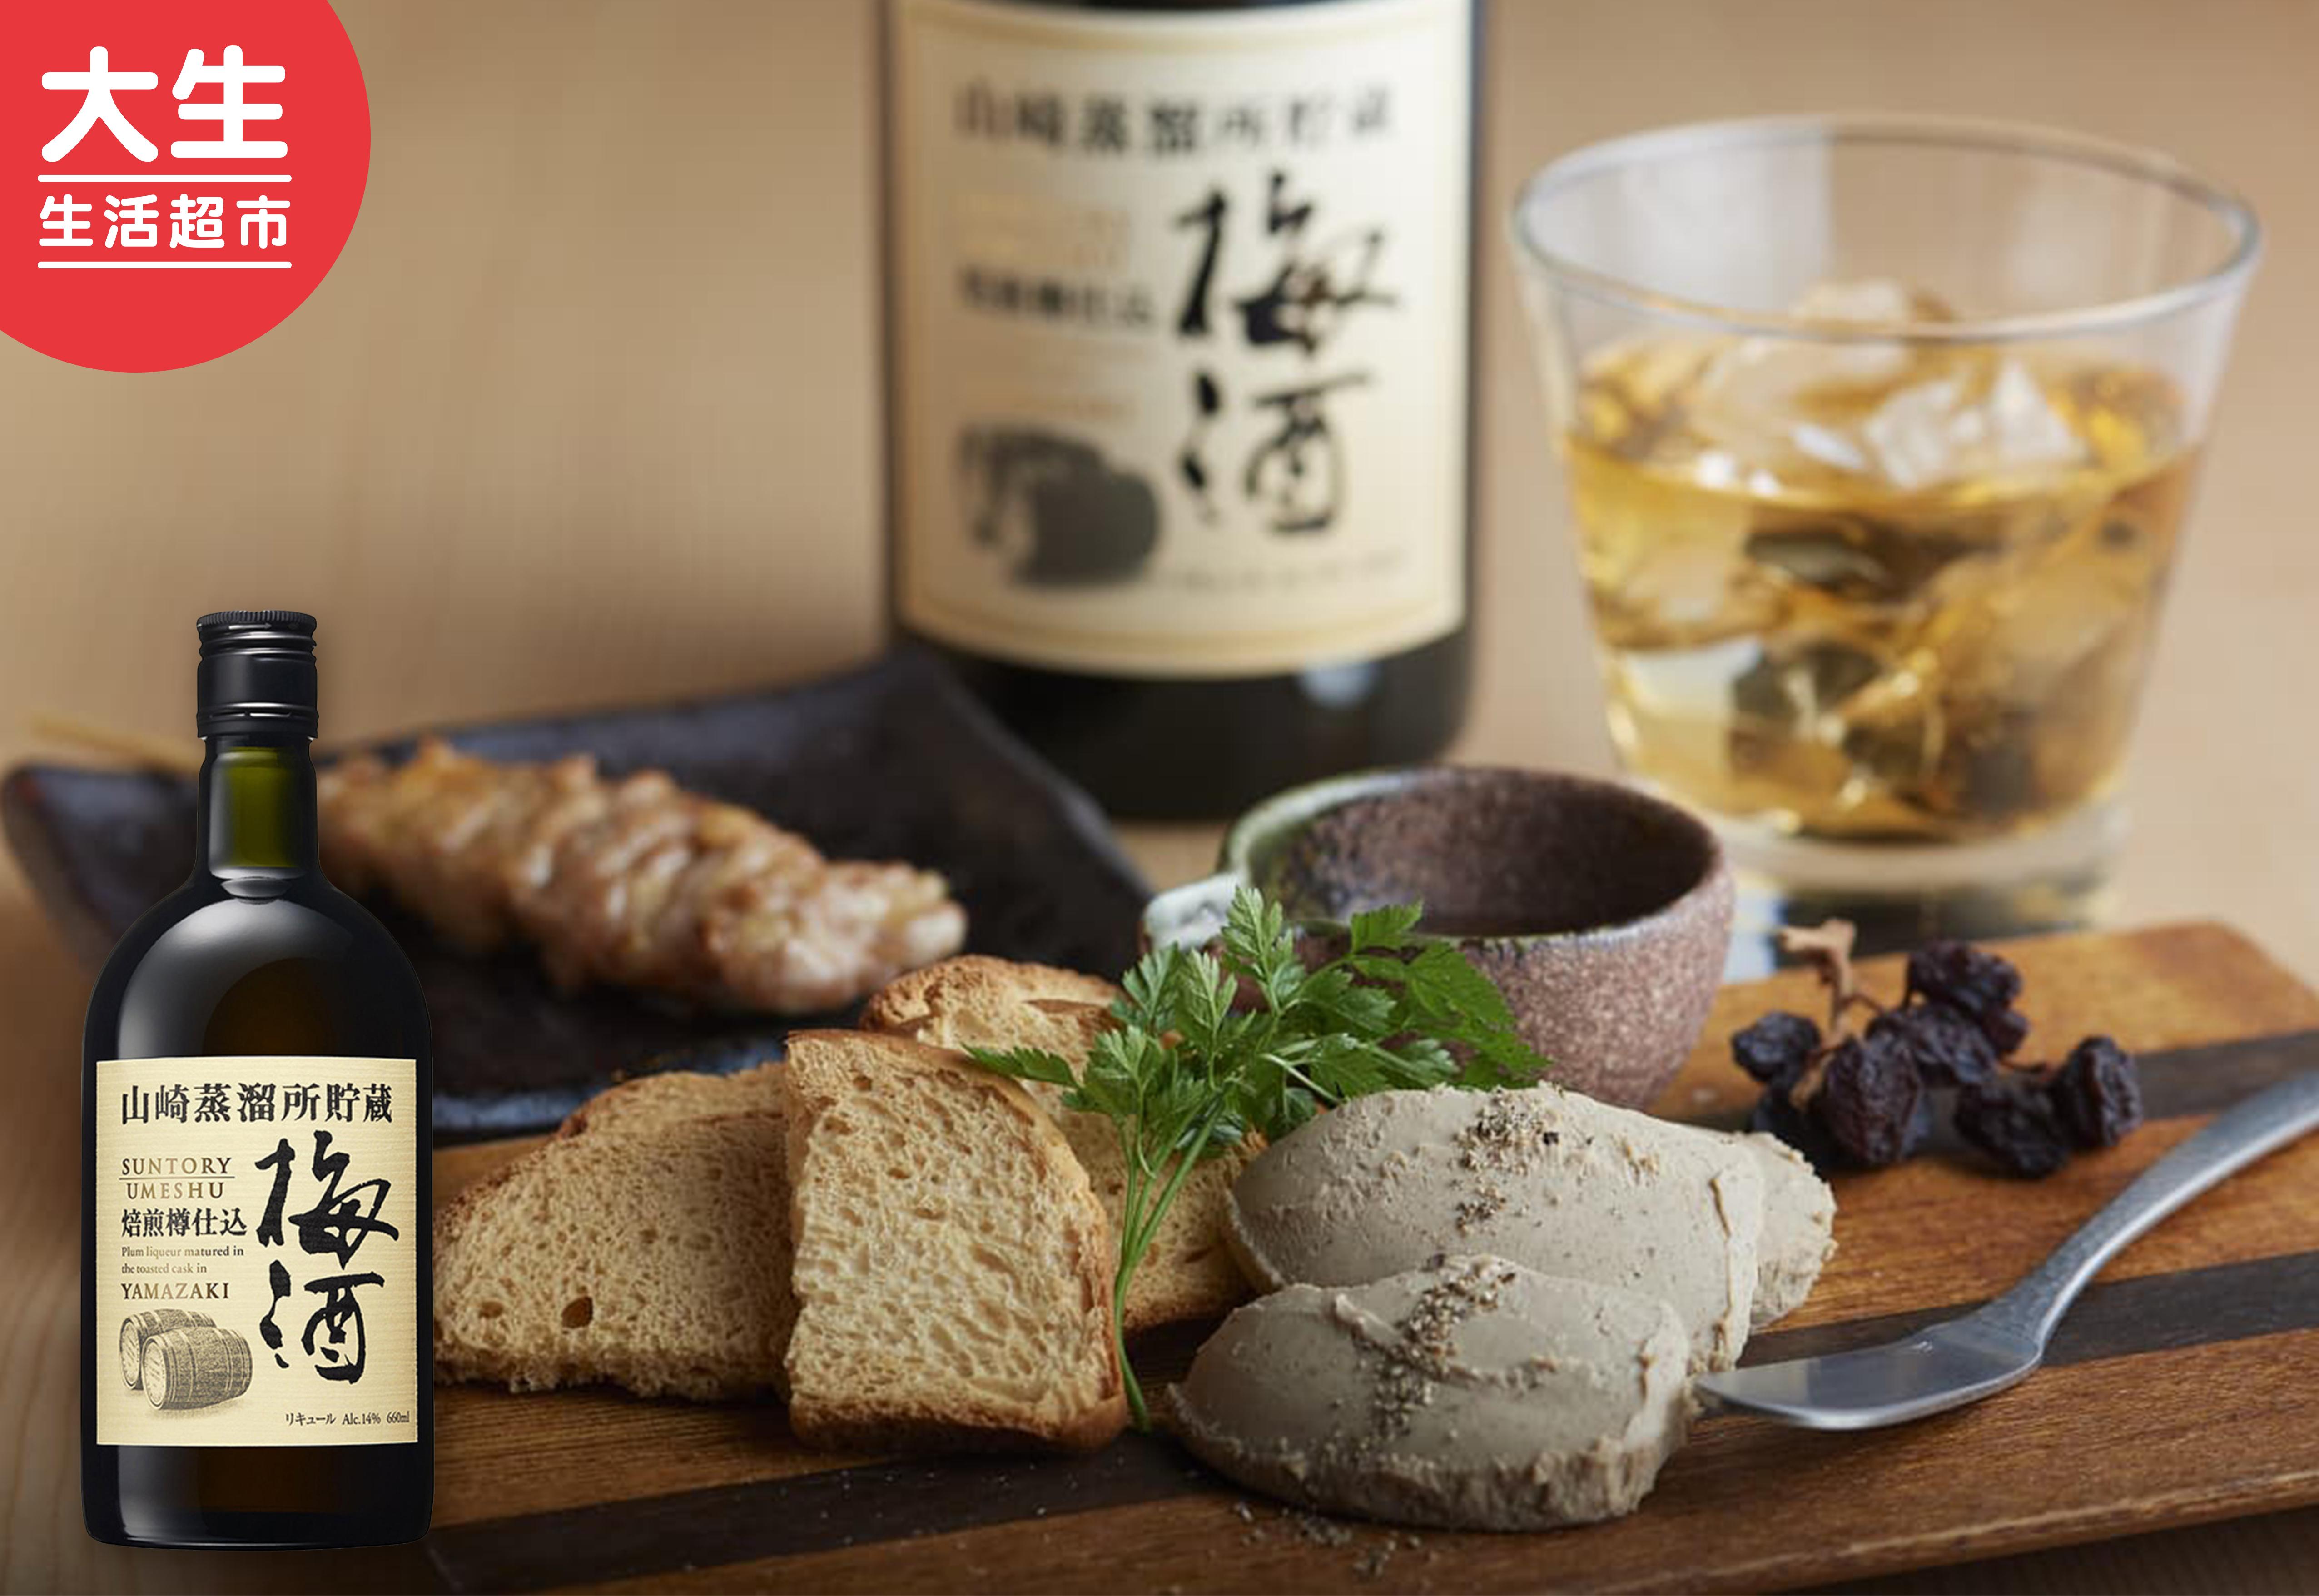 日本山崎蒸餾所焙煎樽梅酒 660ml